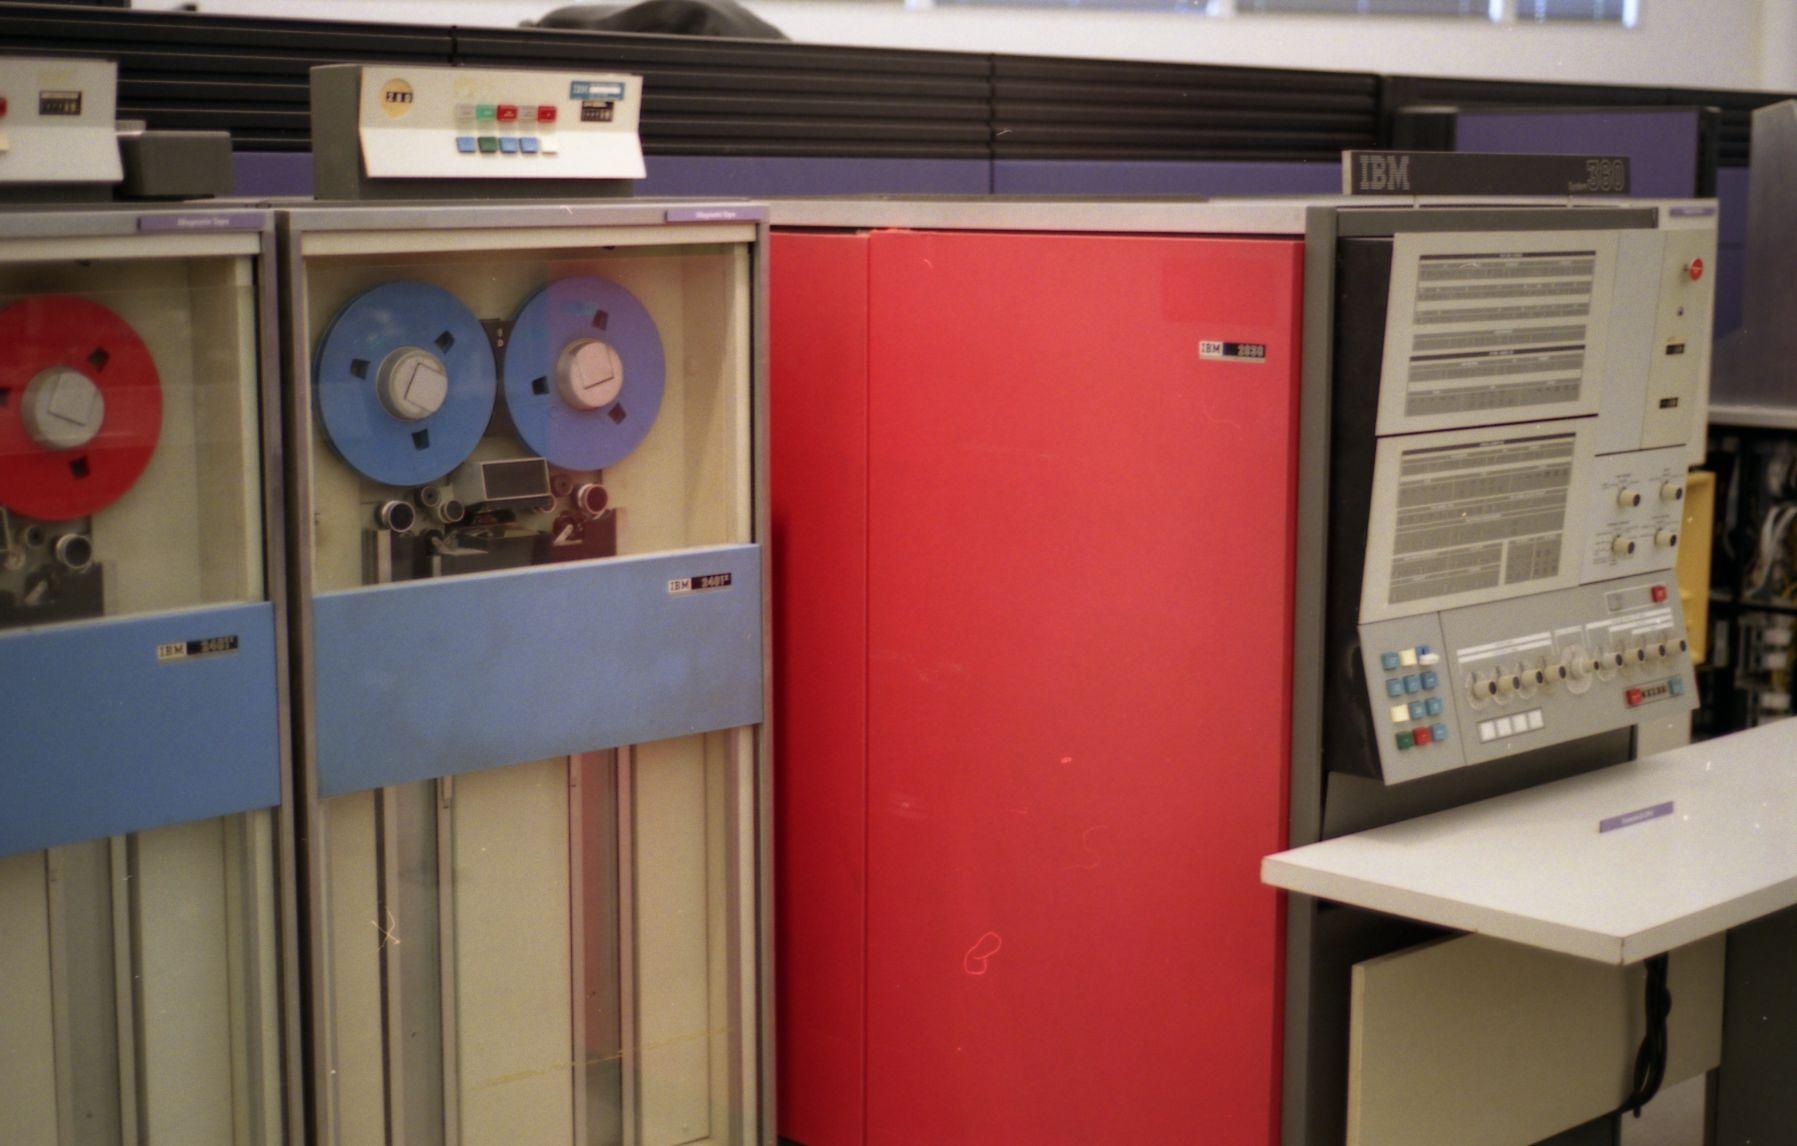 Ordinadors de Segona Generació: IBM S/360